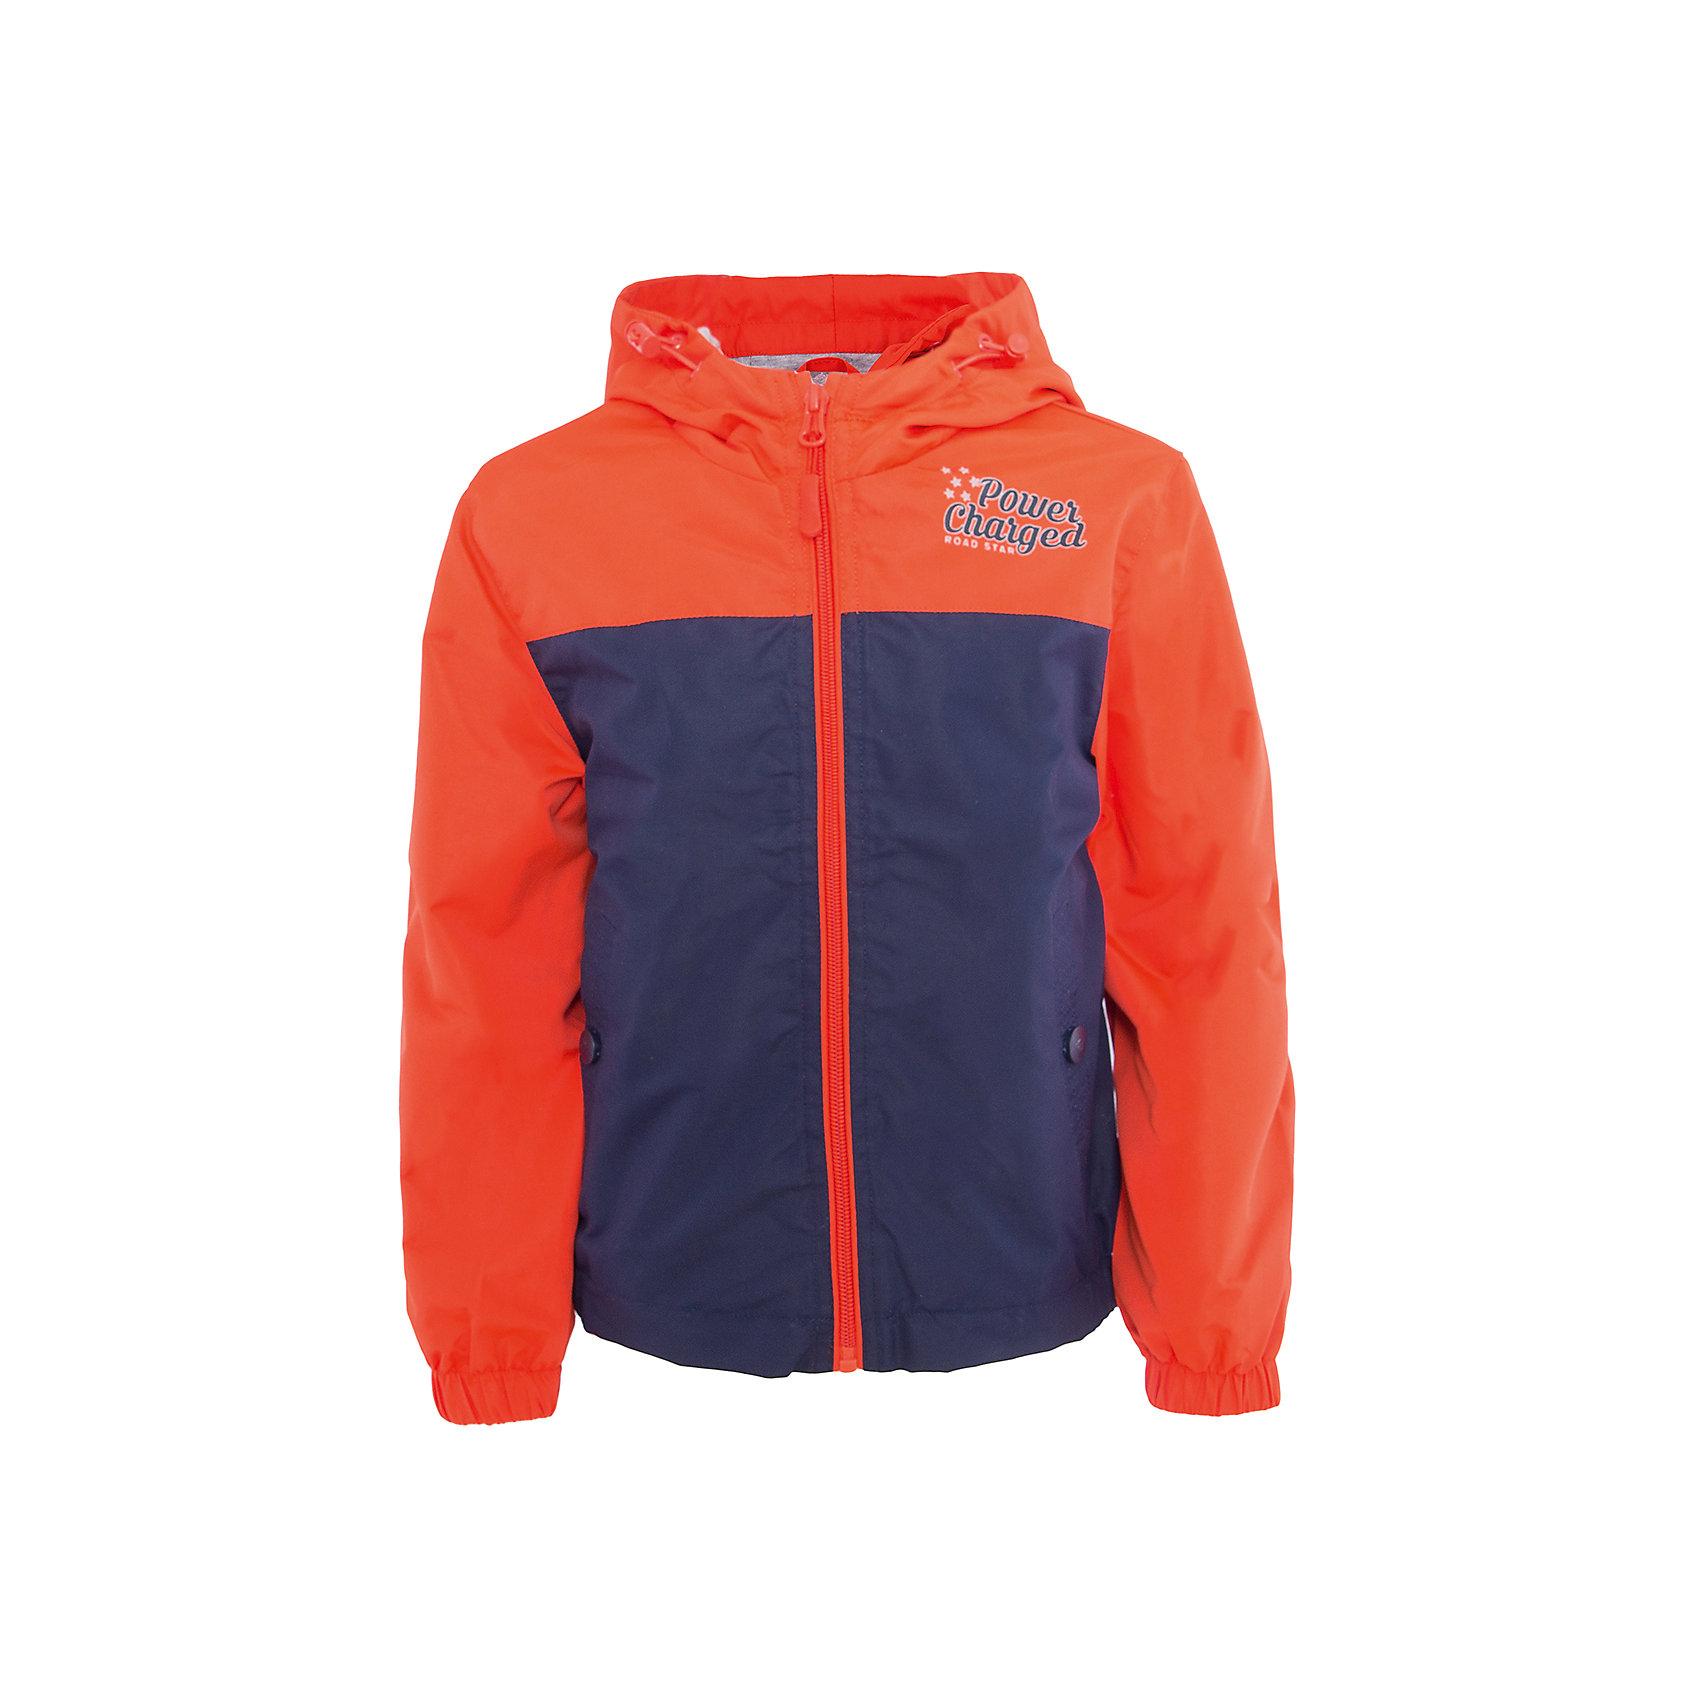 Куртка для мальчика SELAВерхняя одежда<br>Характеристики товара:<br><br>• цвет: оранжевый/синий<br>• состав: 100% полиэстер; подкладка: 100% хлопок; подкладка рукава: 100% полиэстер<br>температурный режим: от +10°до +20°С<br>• молния<br>• принт<br>• манжеты на резинках<br>• регулируемый, не съёмный капюшон<br>• два кармана<br>• светоотражающие детали<br>• коллекция весна-лето 2017<br>• страна бренда: Российская Федерация<br>• страна изготовитель: Китай<br><br>Вещи из новой коллекции SELA продолжают радовать удобством! Легкая куртка для мальчика поможет разнообразить гардероб ребенка и обеспечить комфорт. Она отлично сочетается с джинсами и брюками. Очень стильно смотрится!<br><br>Одежда, обувь и аксессуары от российского бренда SELA не зря пользуются большой популярностью у детей и взрослых! Модели этой марки - стильные и удобные, цена при этом неизменно остается доступной. Для их производства используются только безопасные, качественные материалы и фурнитура. Новая коллекция поддерживает хорошие традиции бренда! <br><br>Куртку для мальчика от популярного бренда SELA (СЕЛА) можно купить в нашем интернет-магазине.<br><br>Ширина мм: 356<br>Глубина мм: 10<br>Высота мм: 245<br>Вес г: 519<br>Цвет: синий<br>Возраст от месяцев: 60<br>Возраст до месяцев: 72<br>Пол: Мужской<br>Возраст: Детский<br>Размер: 116,98,104,110<br>SKU: 5305213